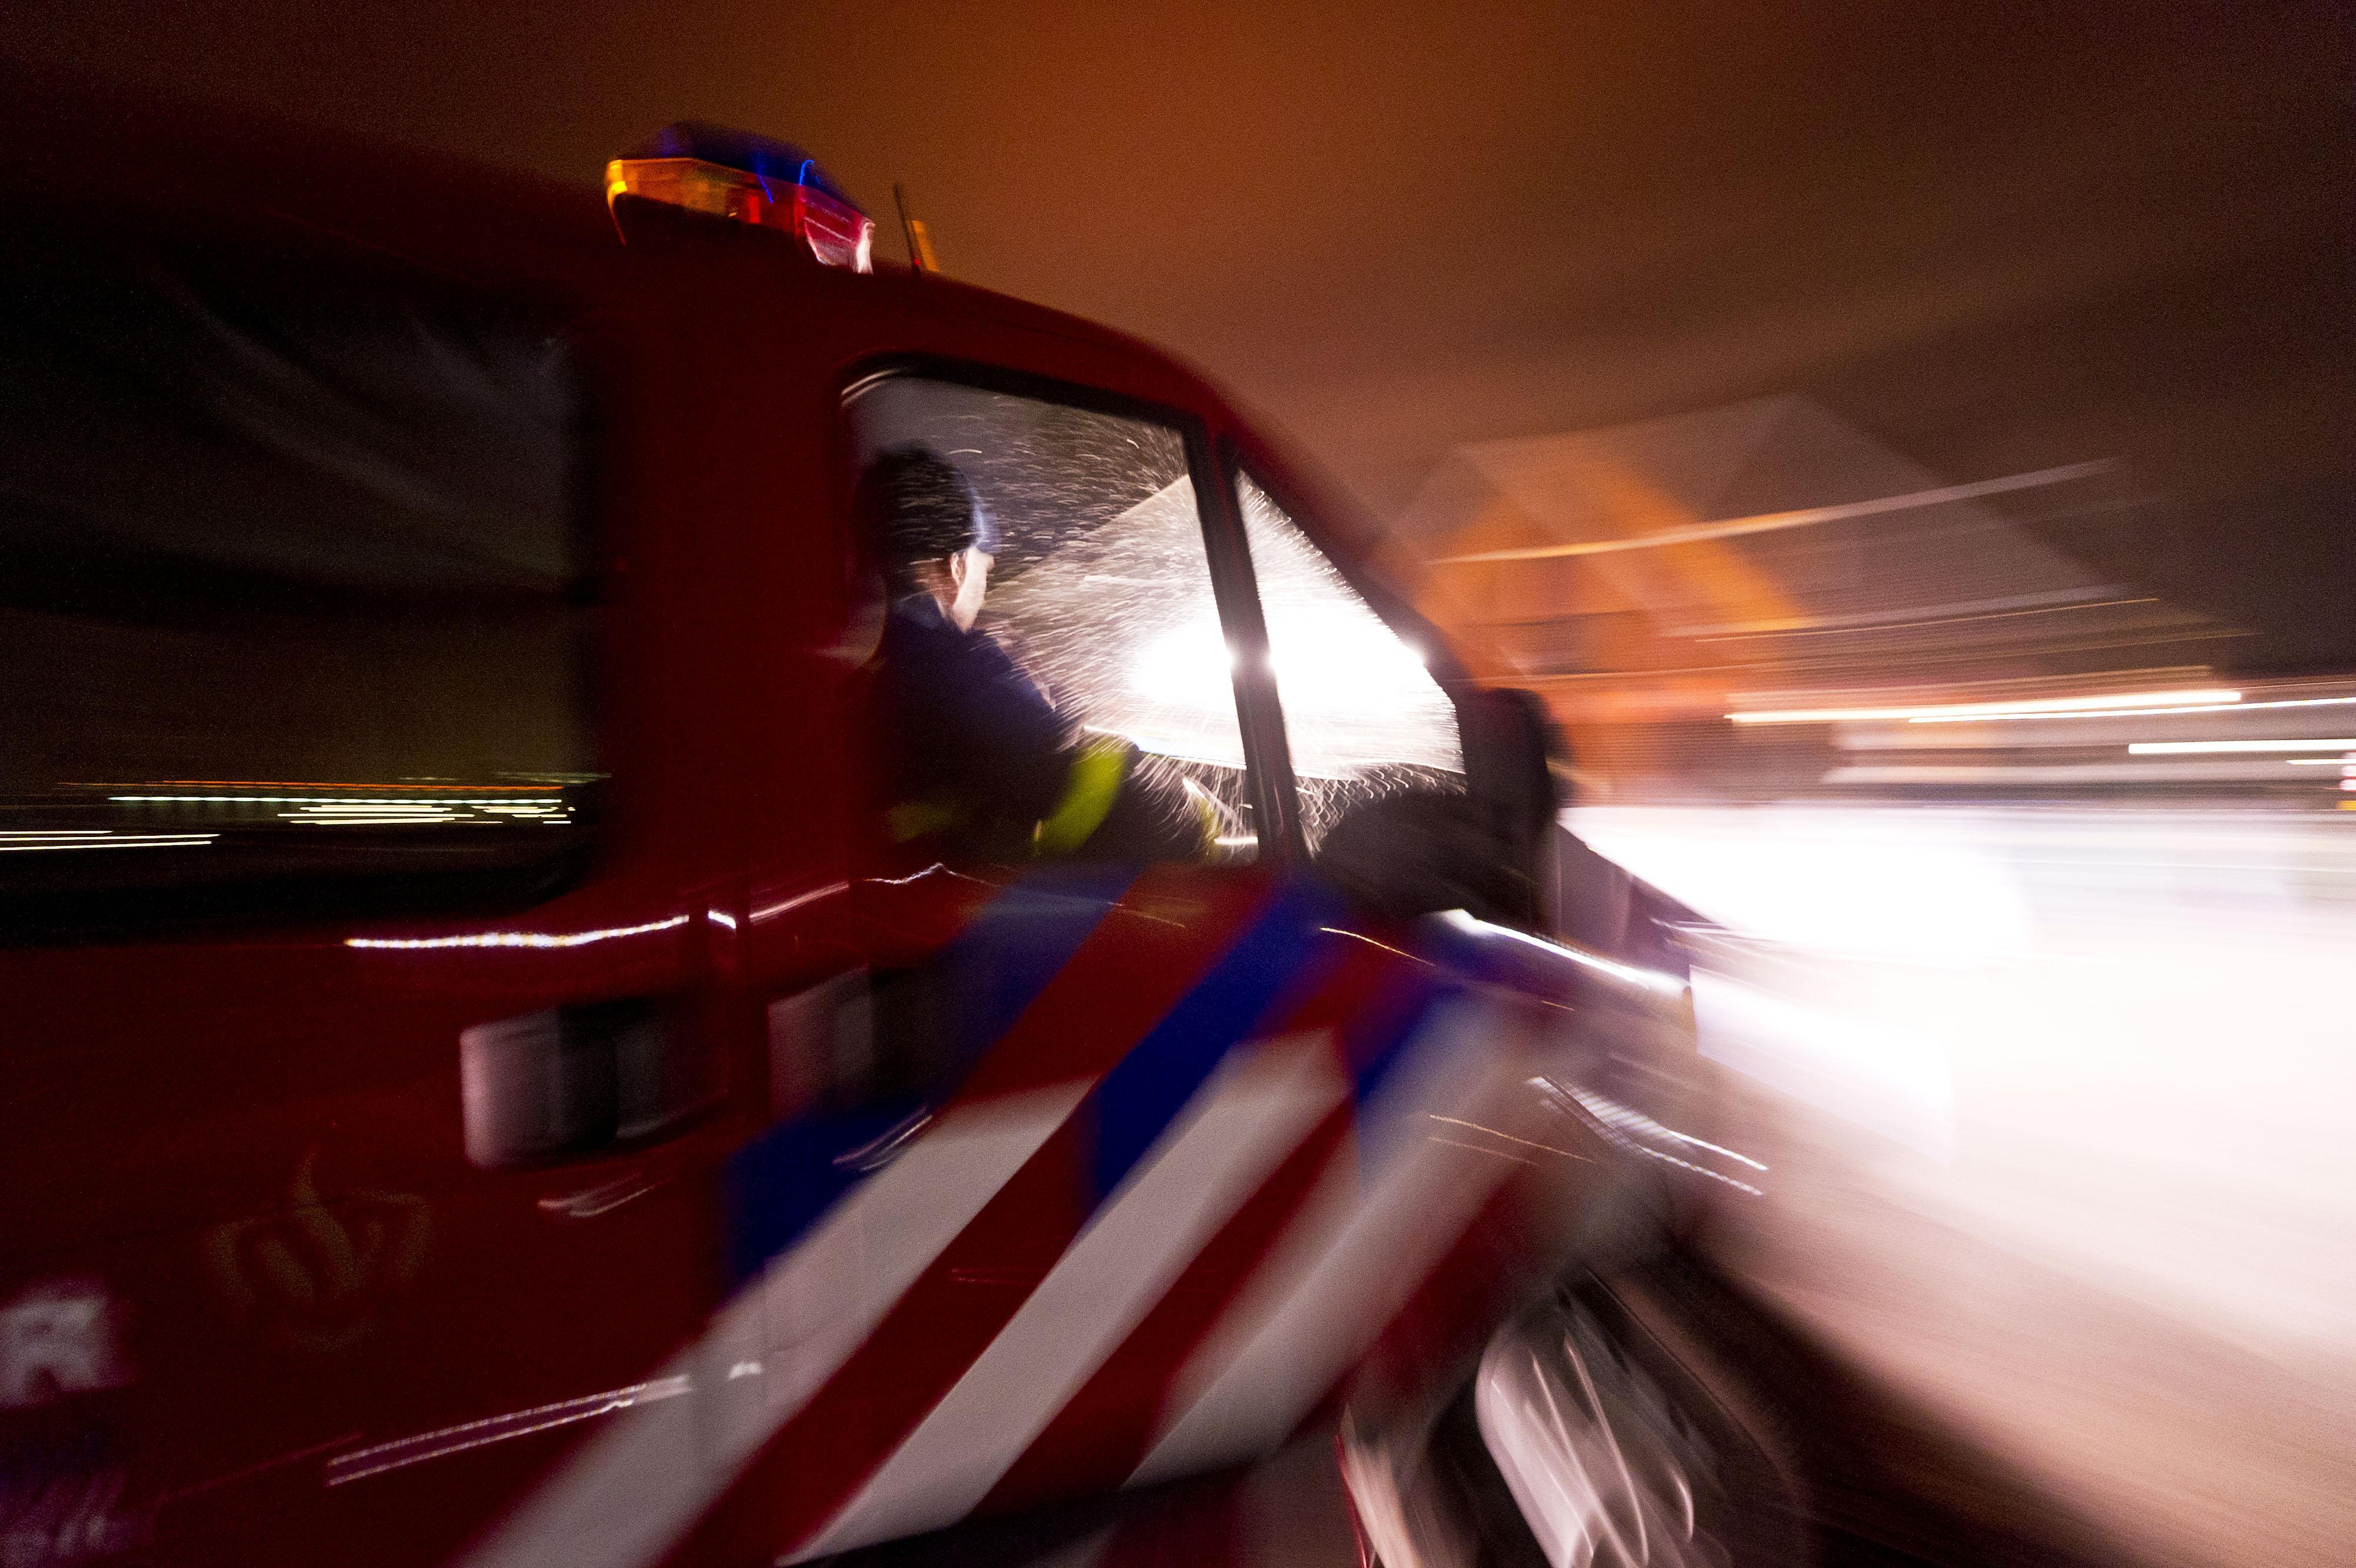 Explosie in centrum Amsterdam, hotel gedeeltelijk ontruimd